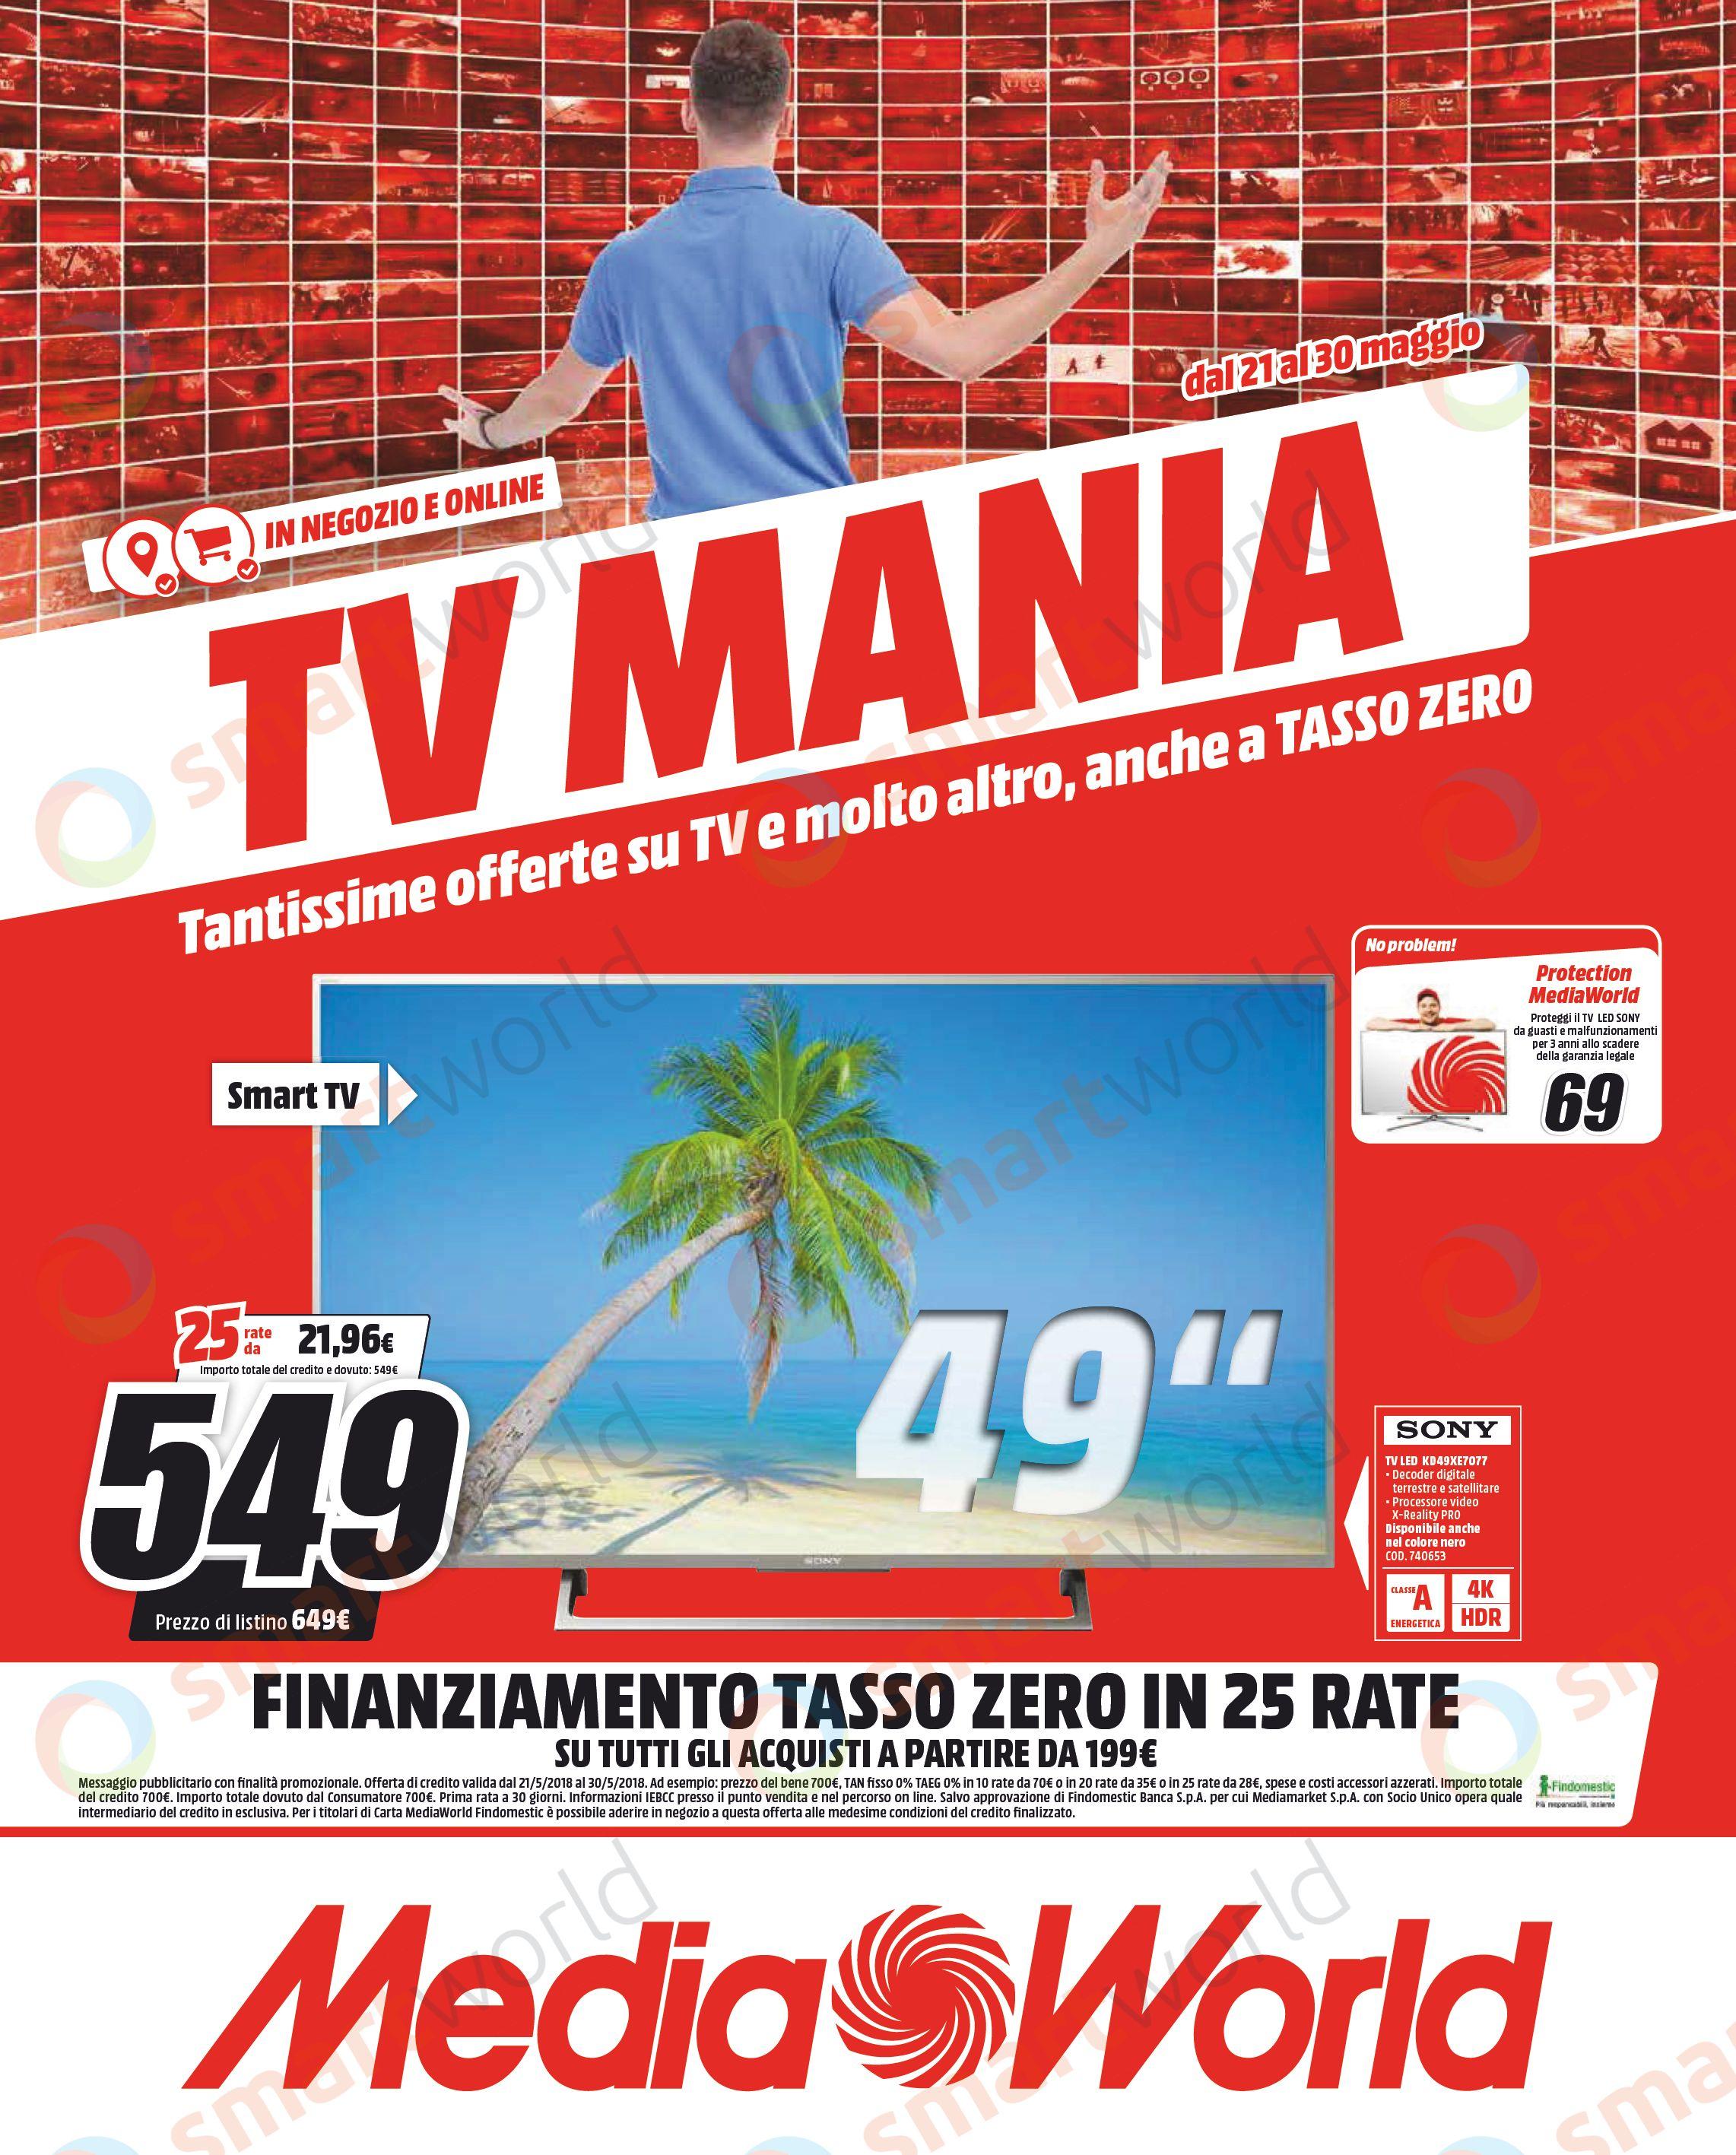 Volantino MediaWorld TV Mania maggio 2018 (1)_smartworld